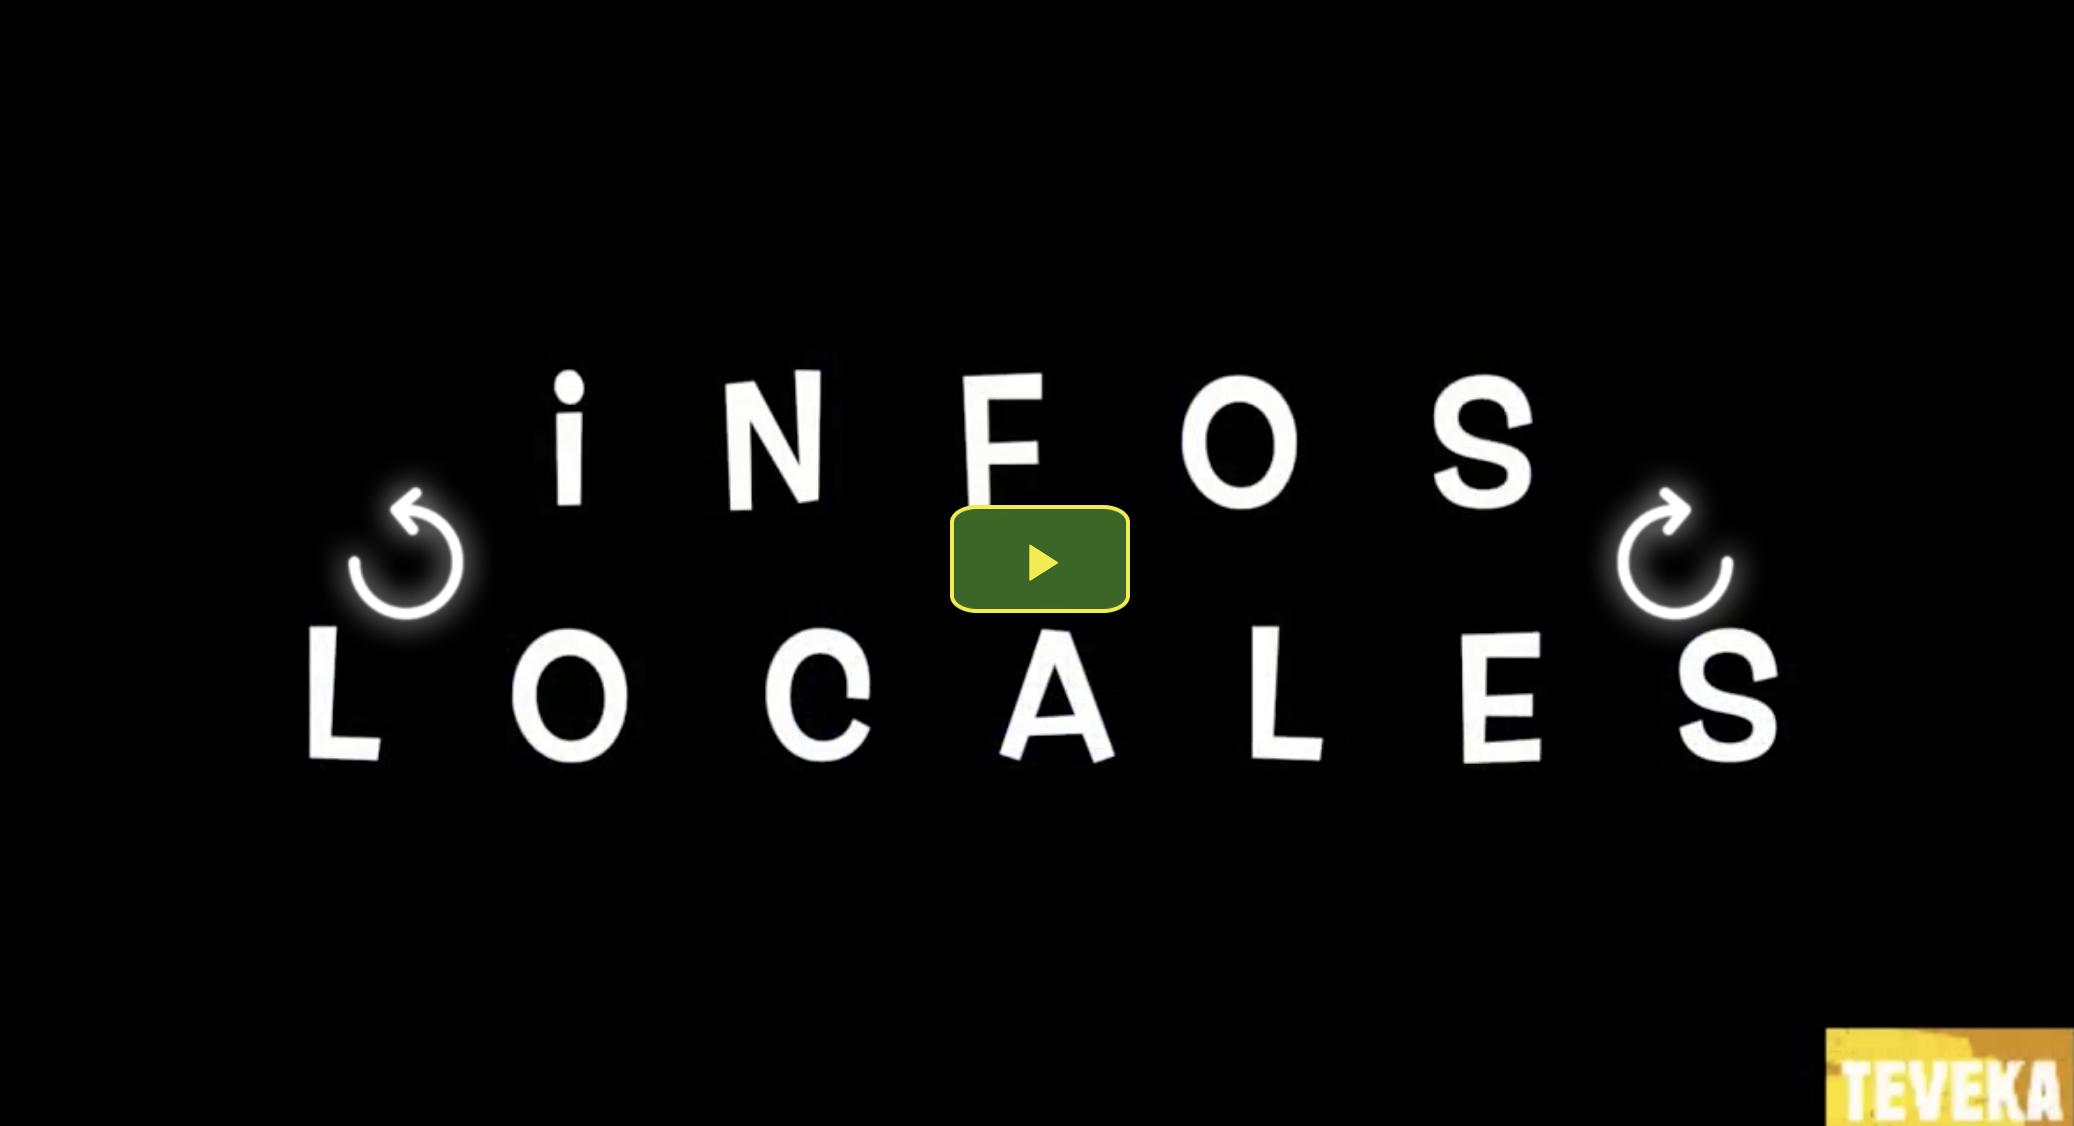 La vie locale en Septembre : retrouvez l'agenda du mois et les infos pratiques